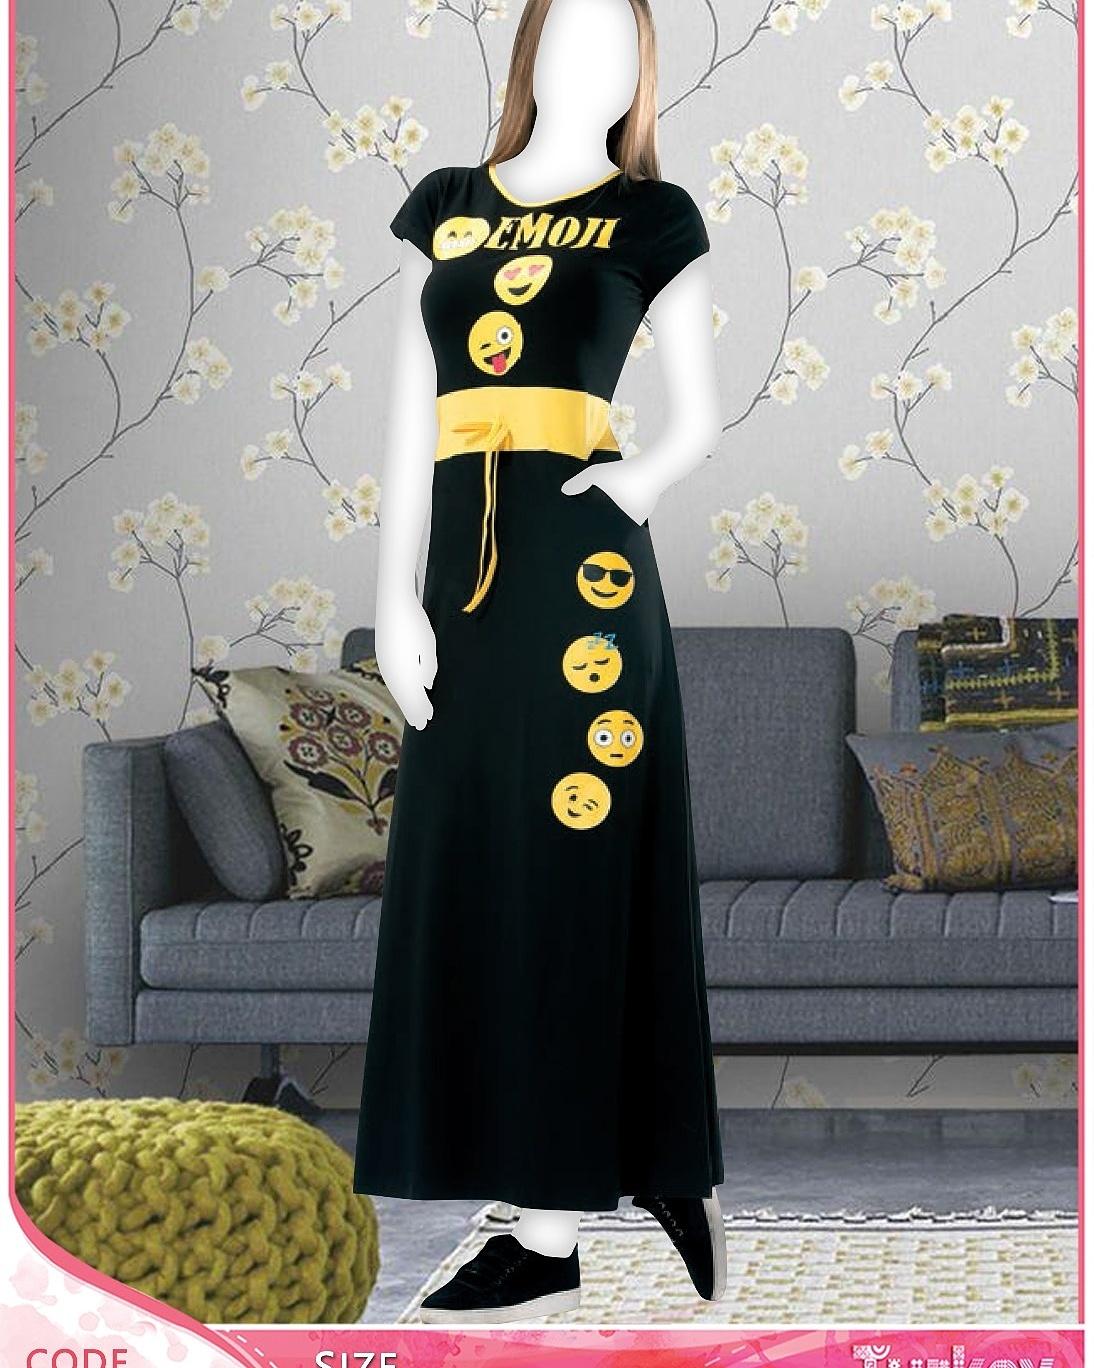 للتجار والتاجرات بجايم وفساتين تركية جملة  ارخص الاسعار واعلى جودة مع الصور